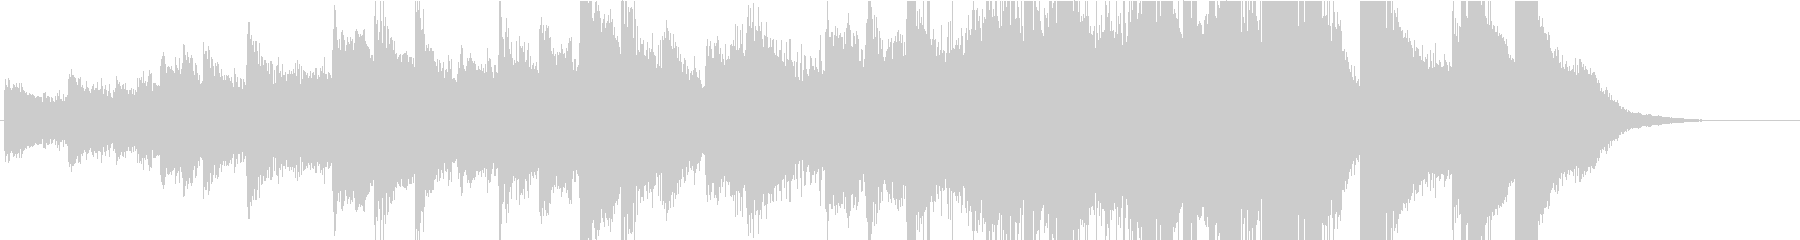 不安や切迫を感じるピアノソロの未再生の波形